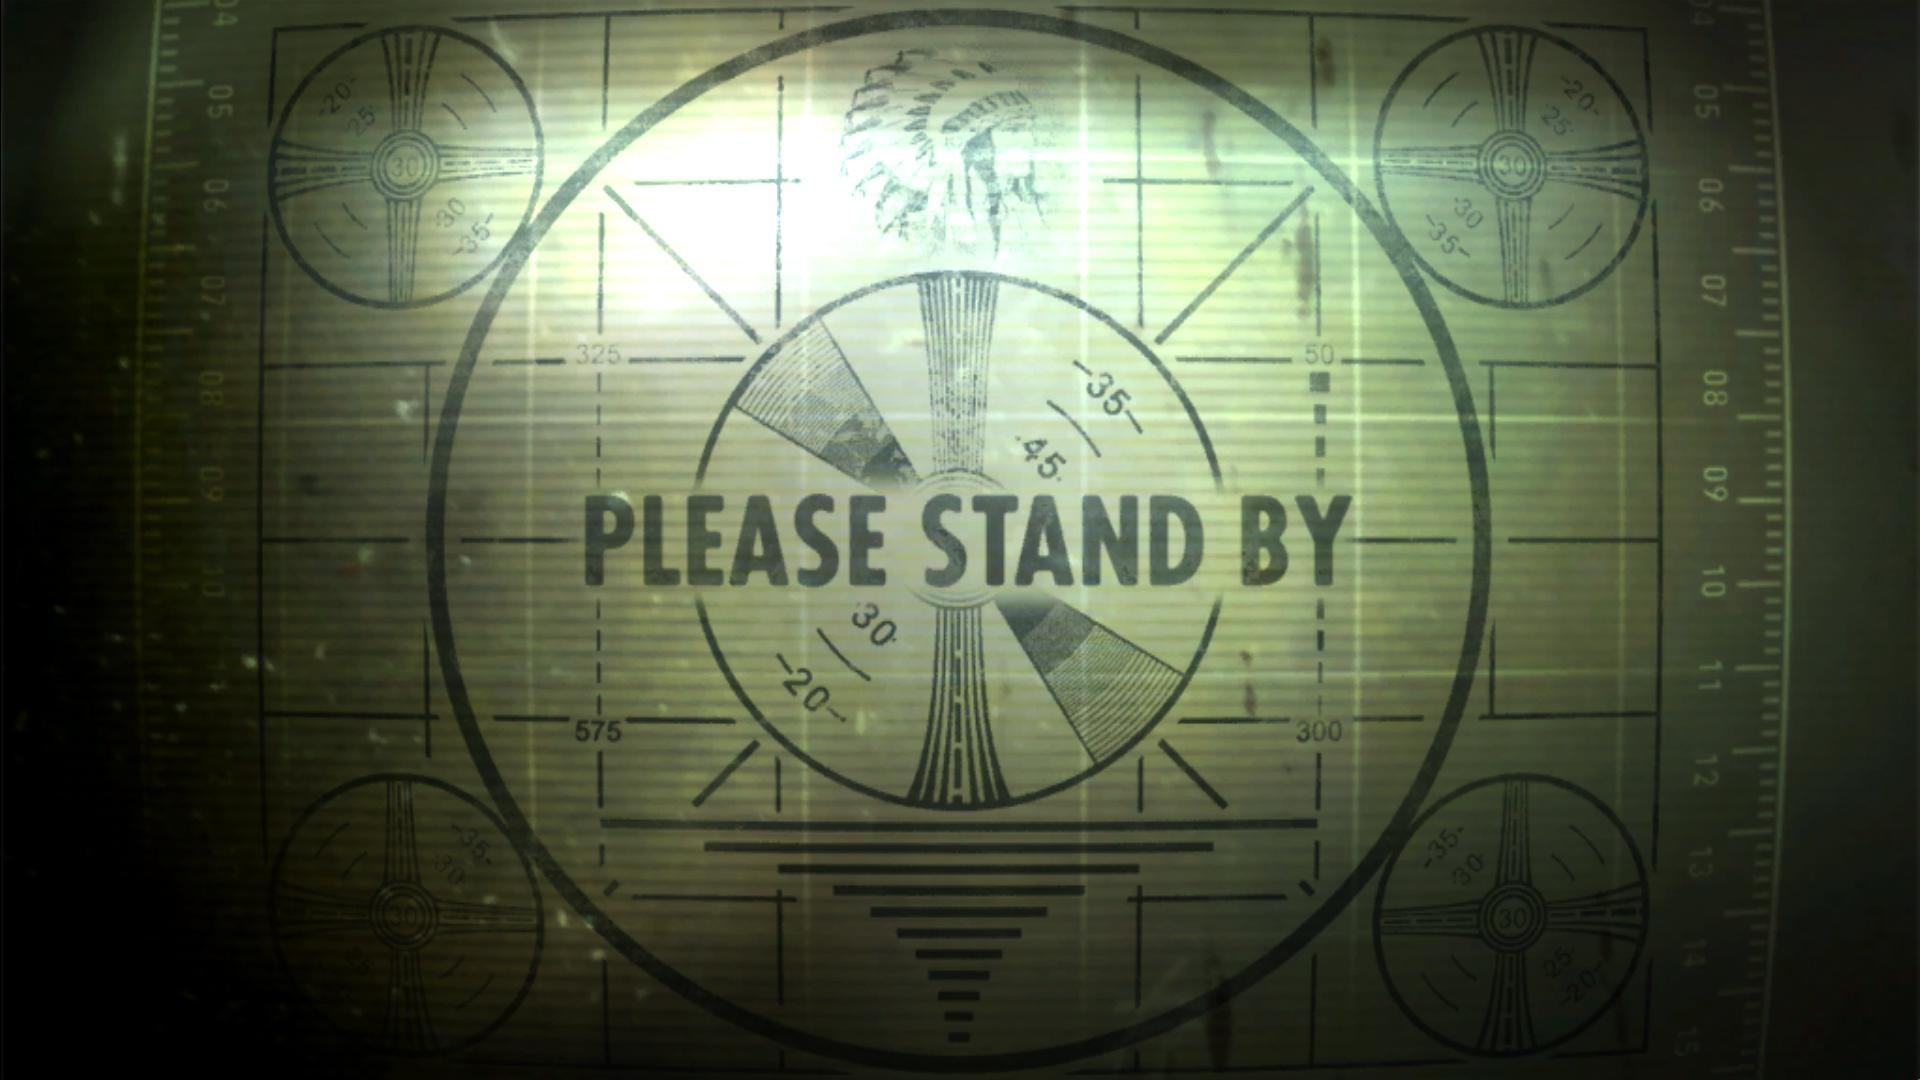 Fallout 4 Wallpaper Widescreen For Desktop Wallpaper 1920 x 1080 px 623.08  KB iphone pipboy 1920×1080